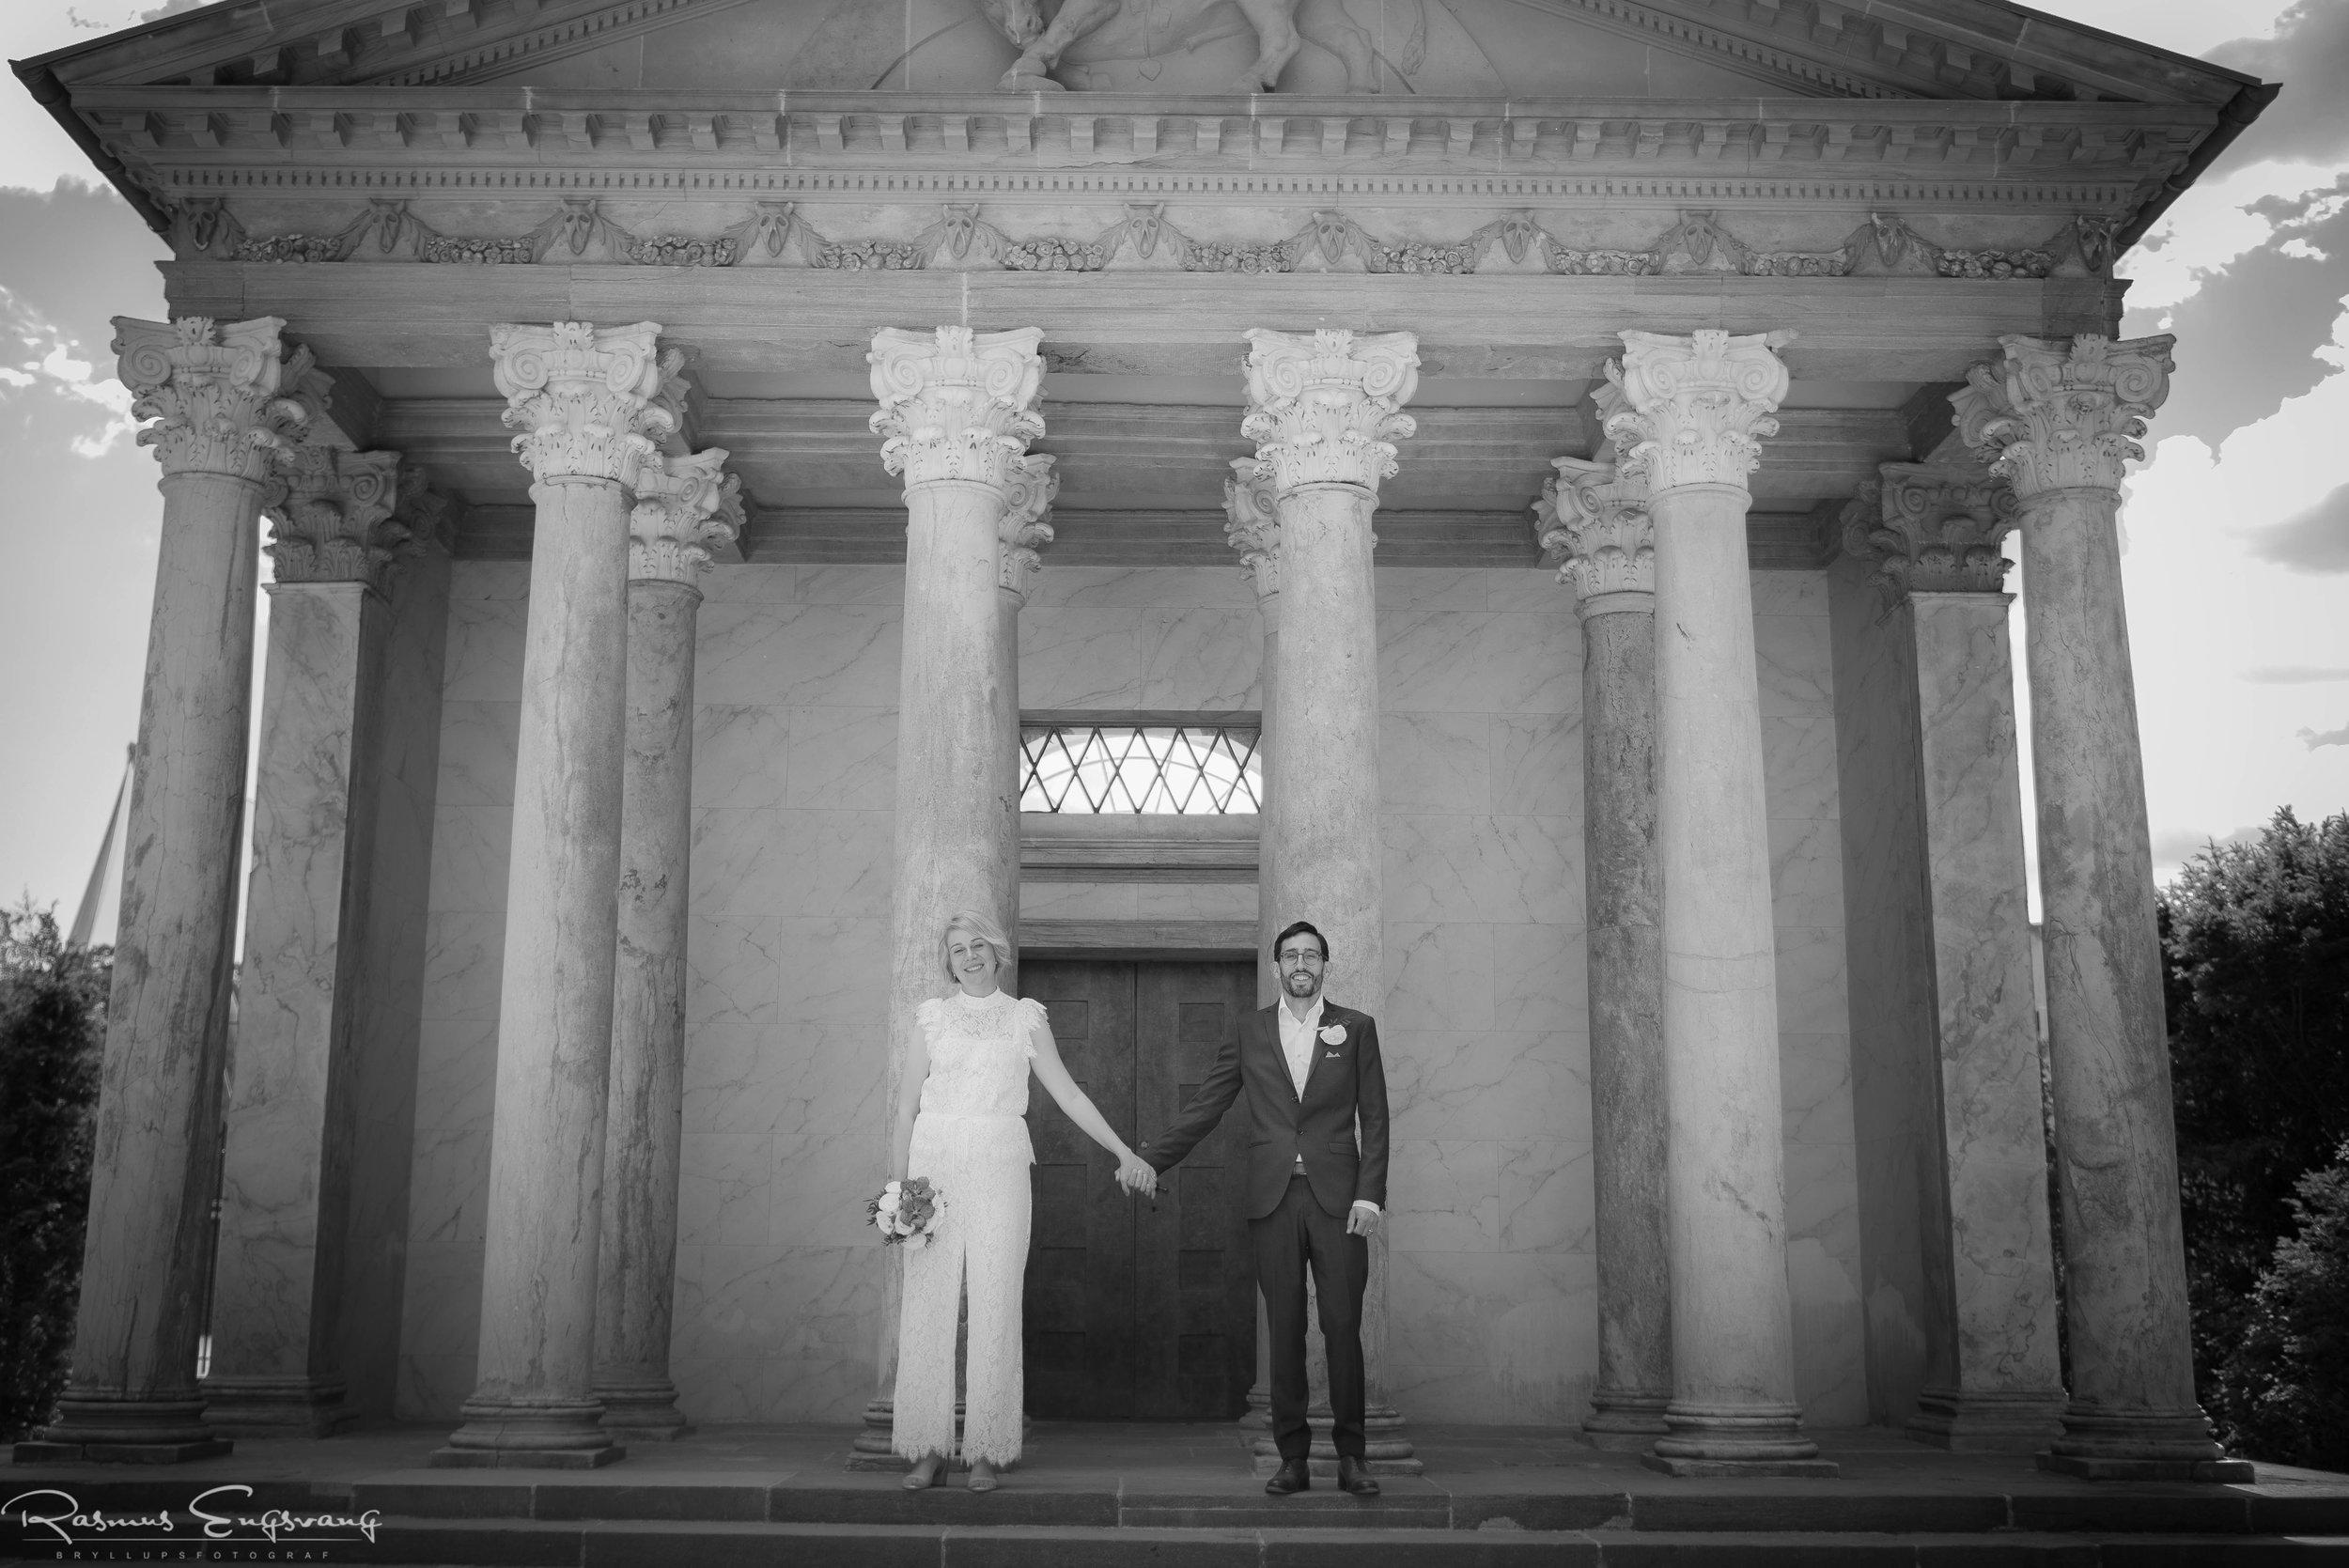 Bryllupsfotograf-København-Rådhus-Frederiksberg-Have-Langelinje-Pavillon-206.jpg